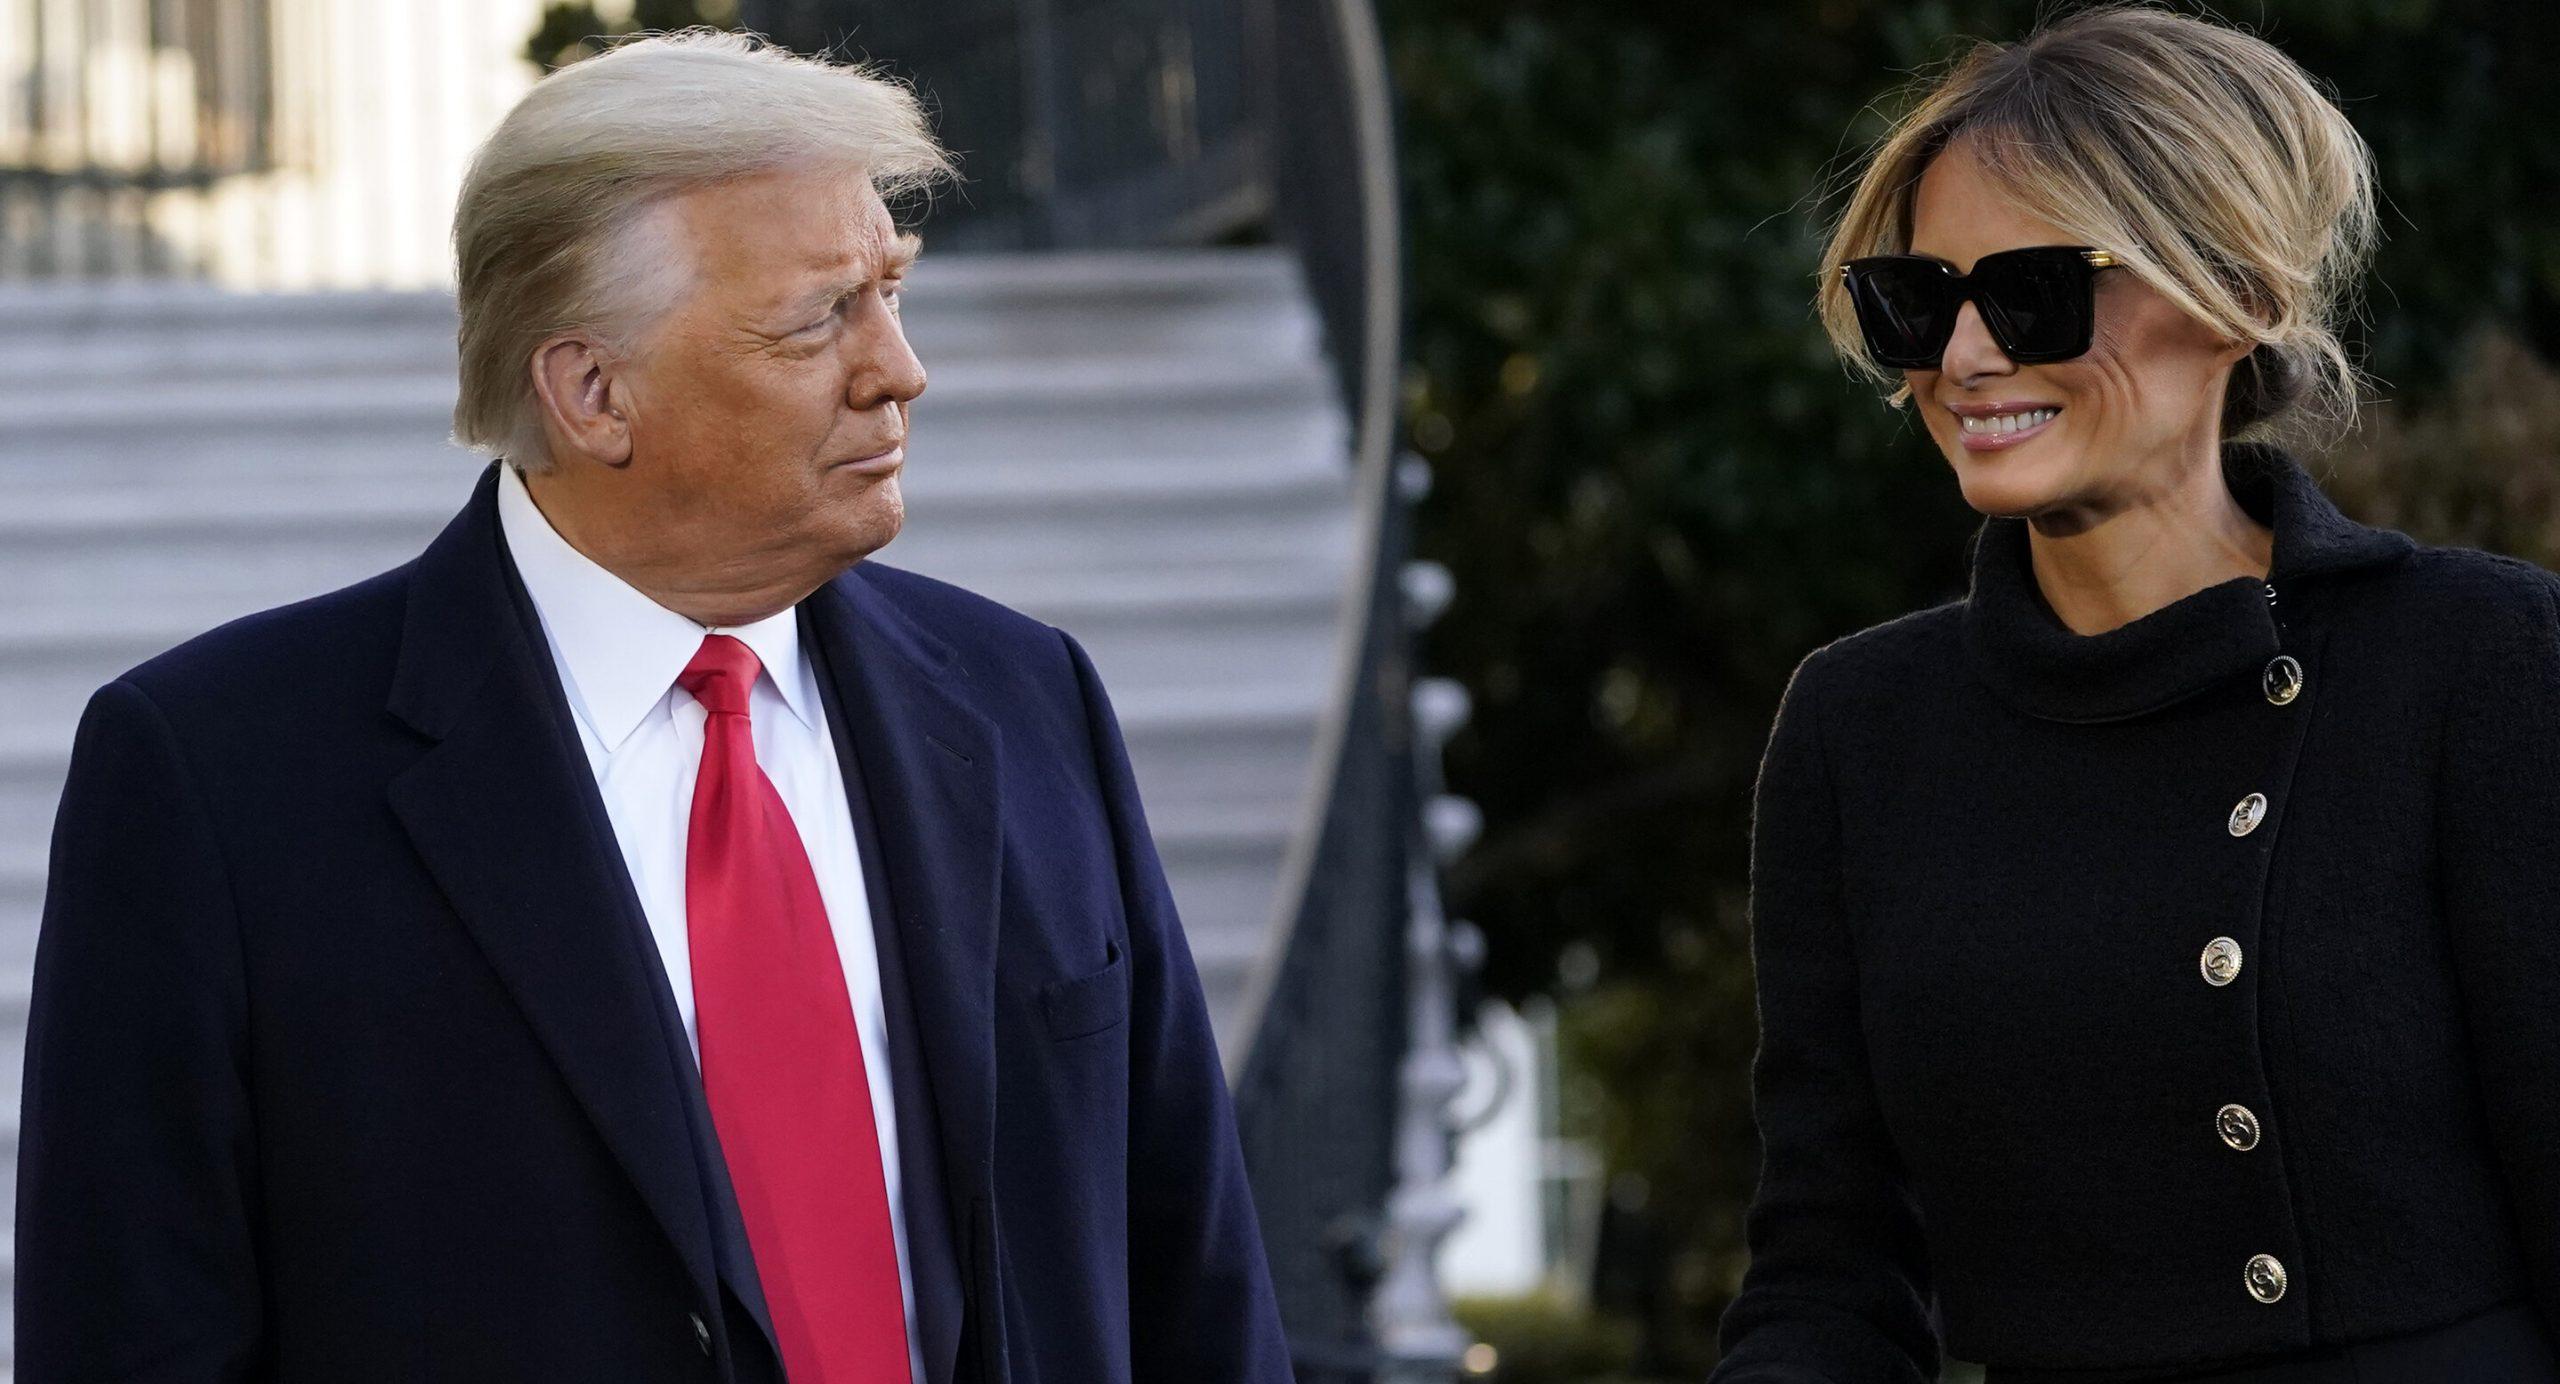 Donald și Melania Trump au fost vaccinați anti-Covid în ianuarie, când încă se aflau la Casa Albă, spun surse apropiate cuplului